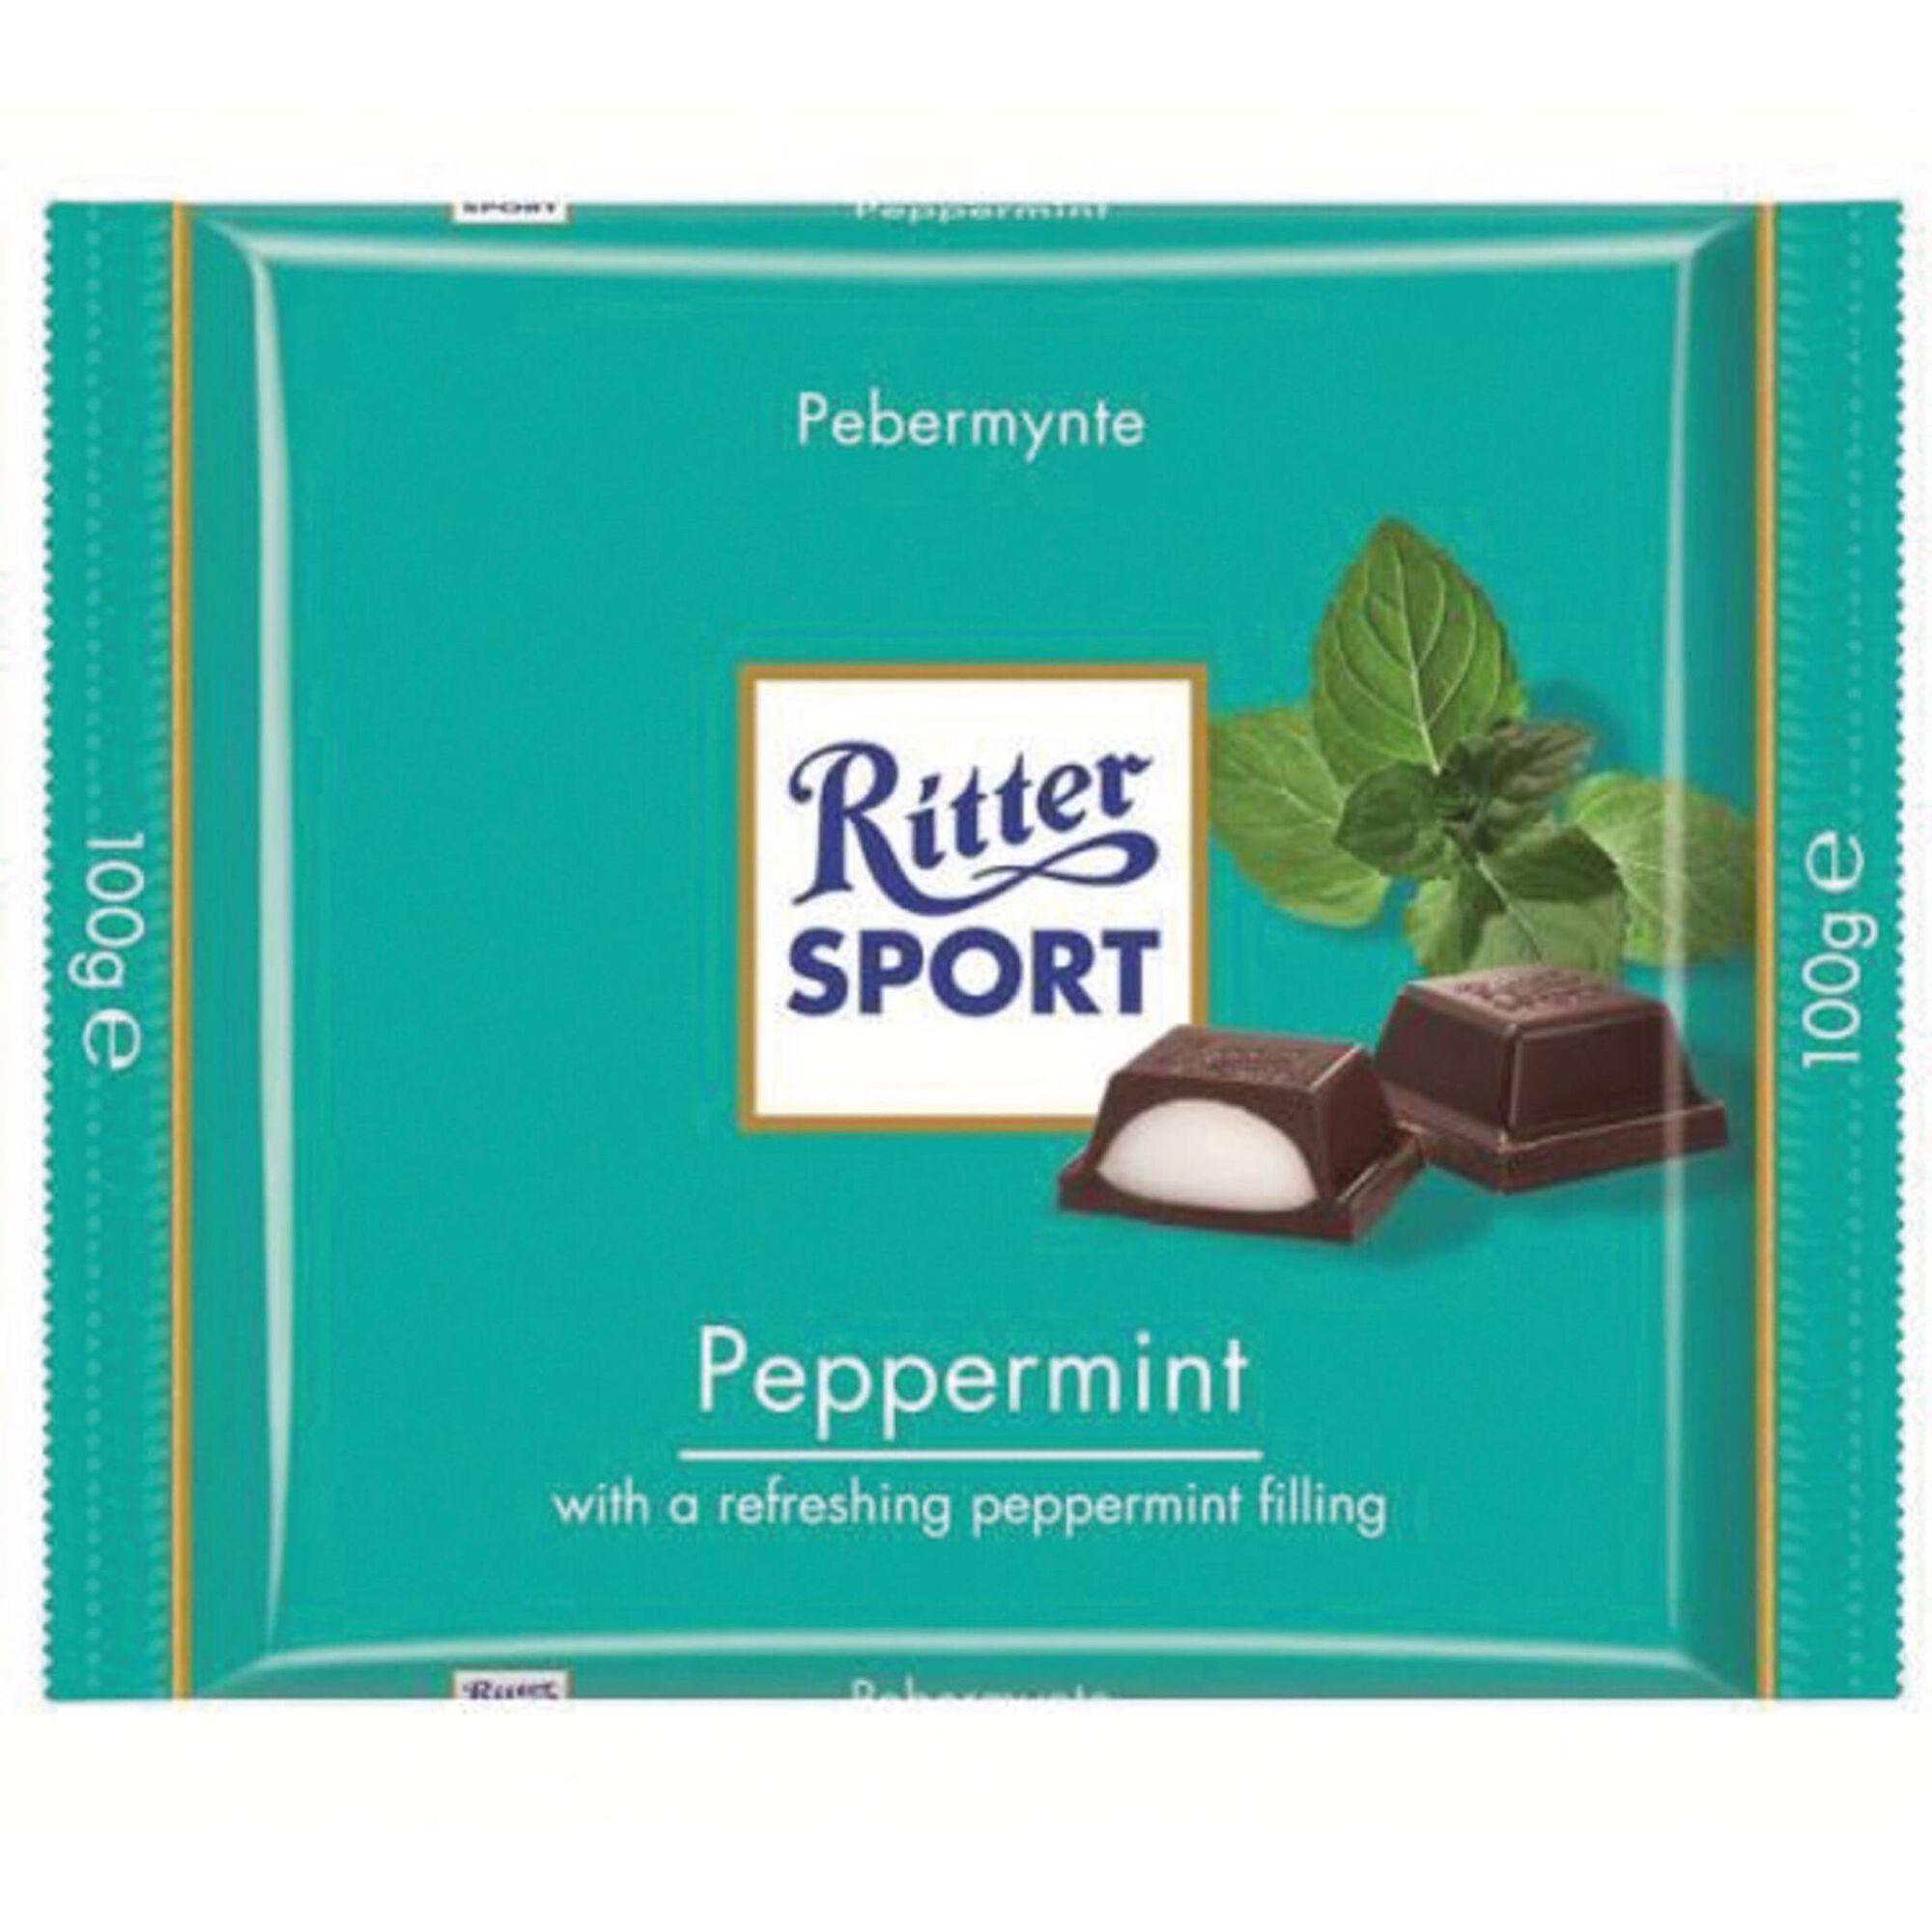 Tablete de Chocolate com Recheio de Menta